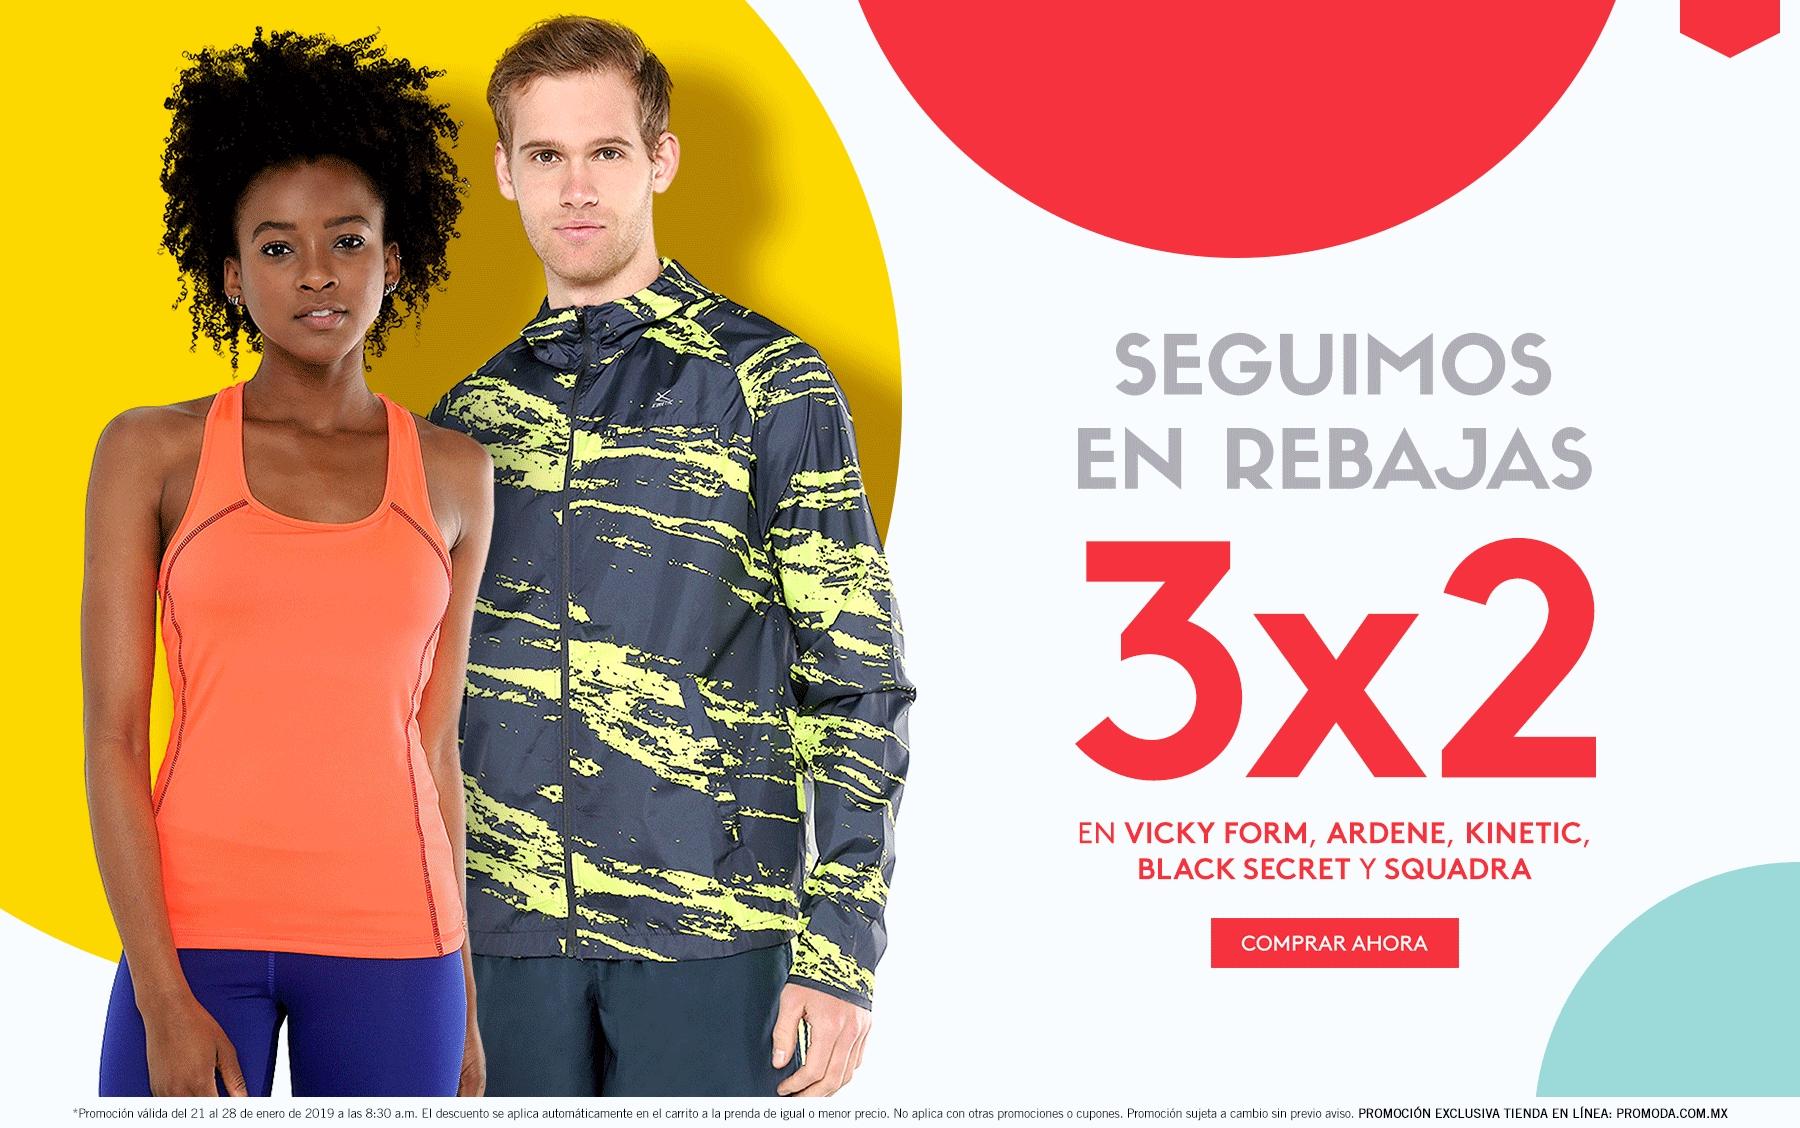 Promoda Outlet: 3 x 2 en Vicky Form, Ardene, Kinetic, Black Secret y Squadra en tienda en Línea